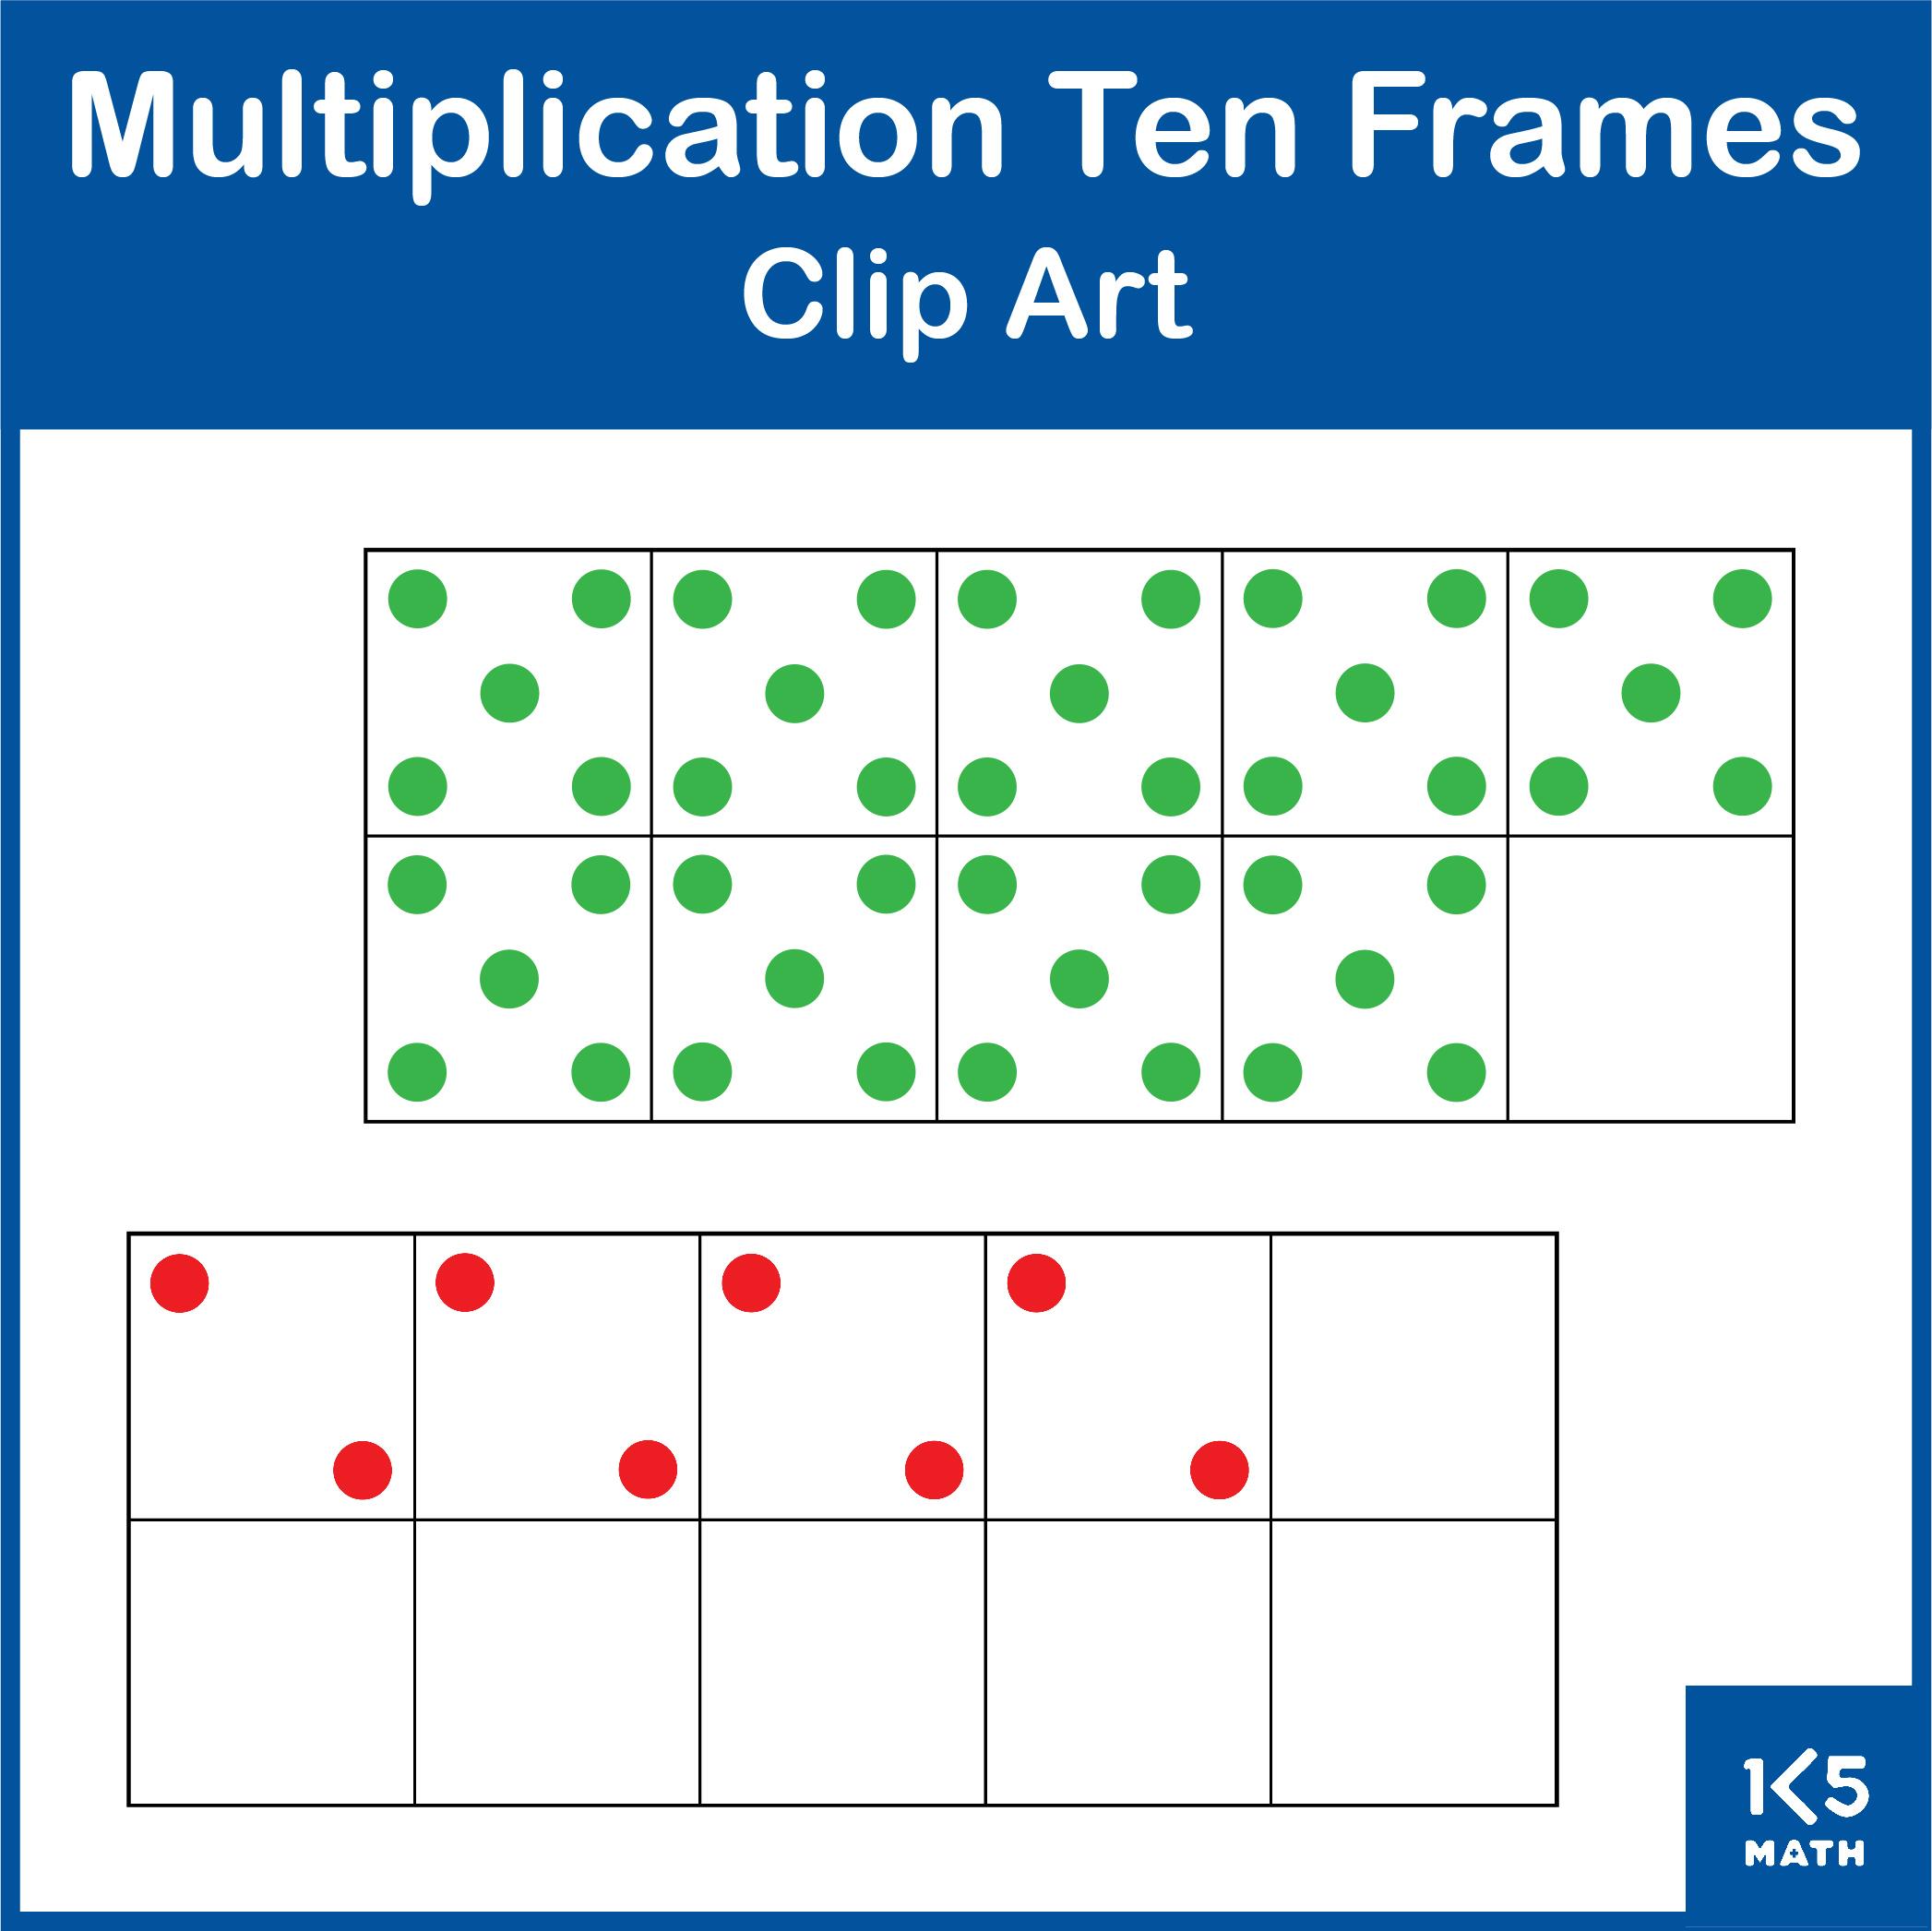 Multiplication Ten Frames Clip Art